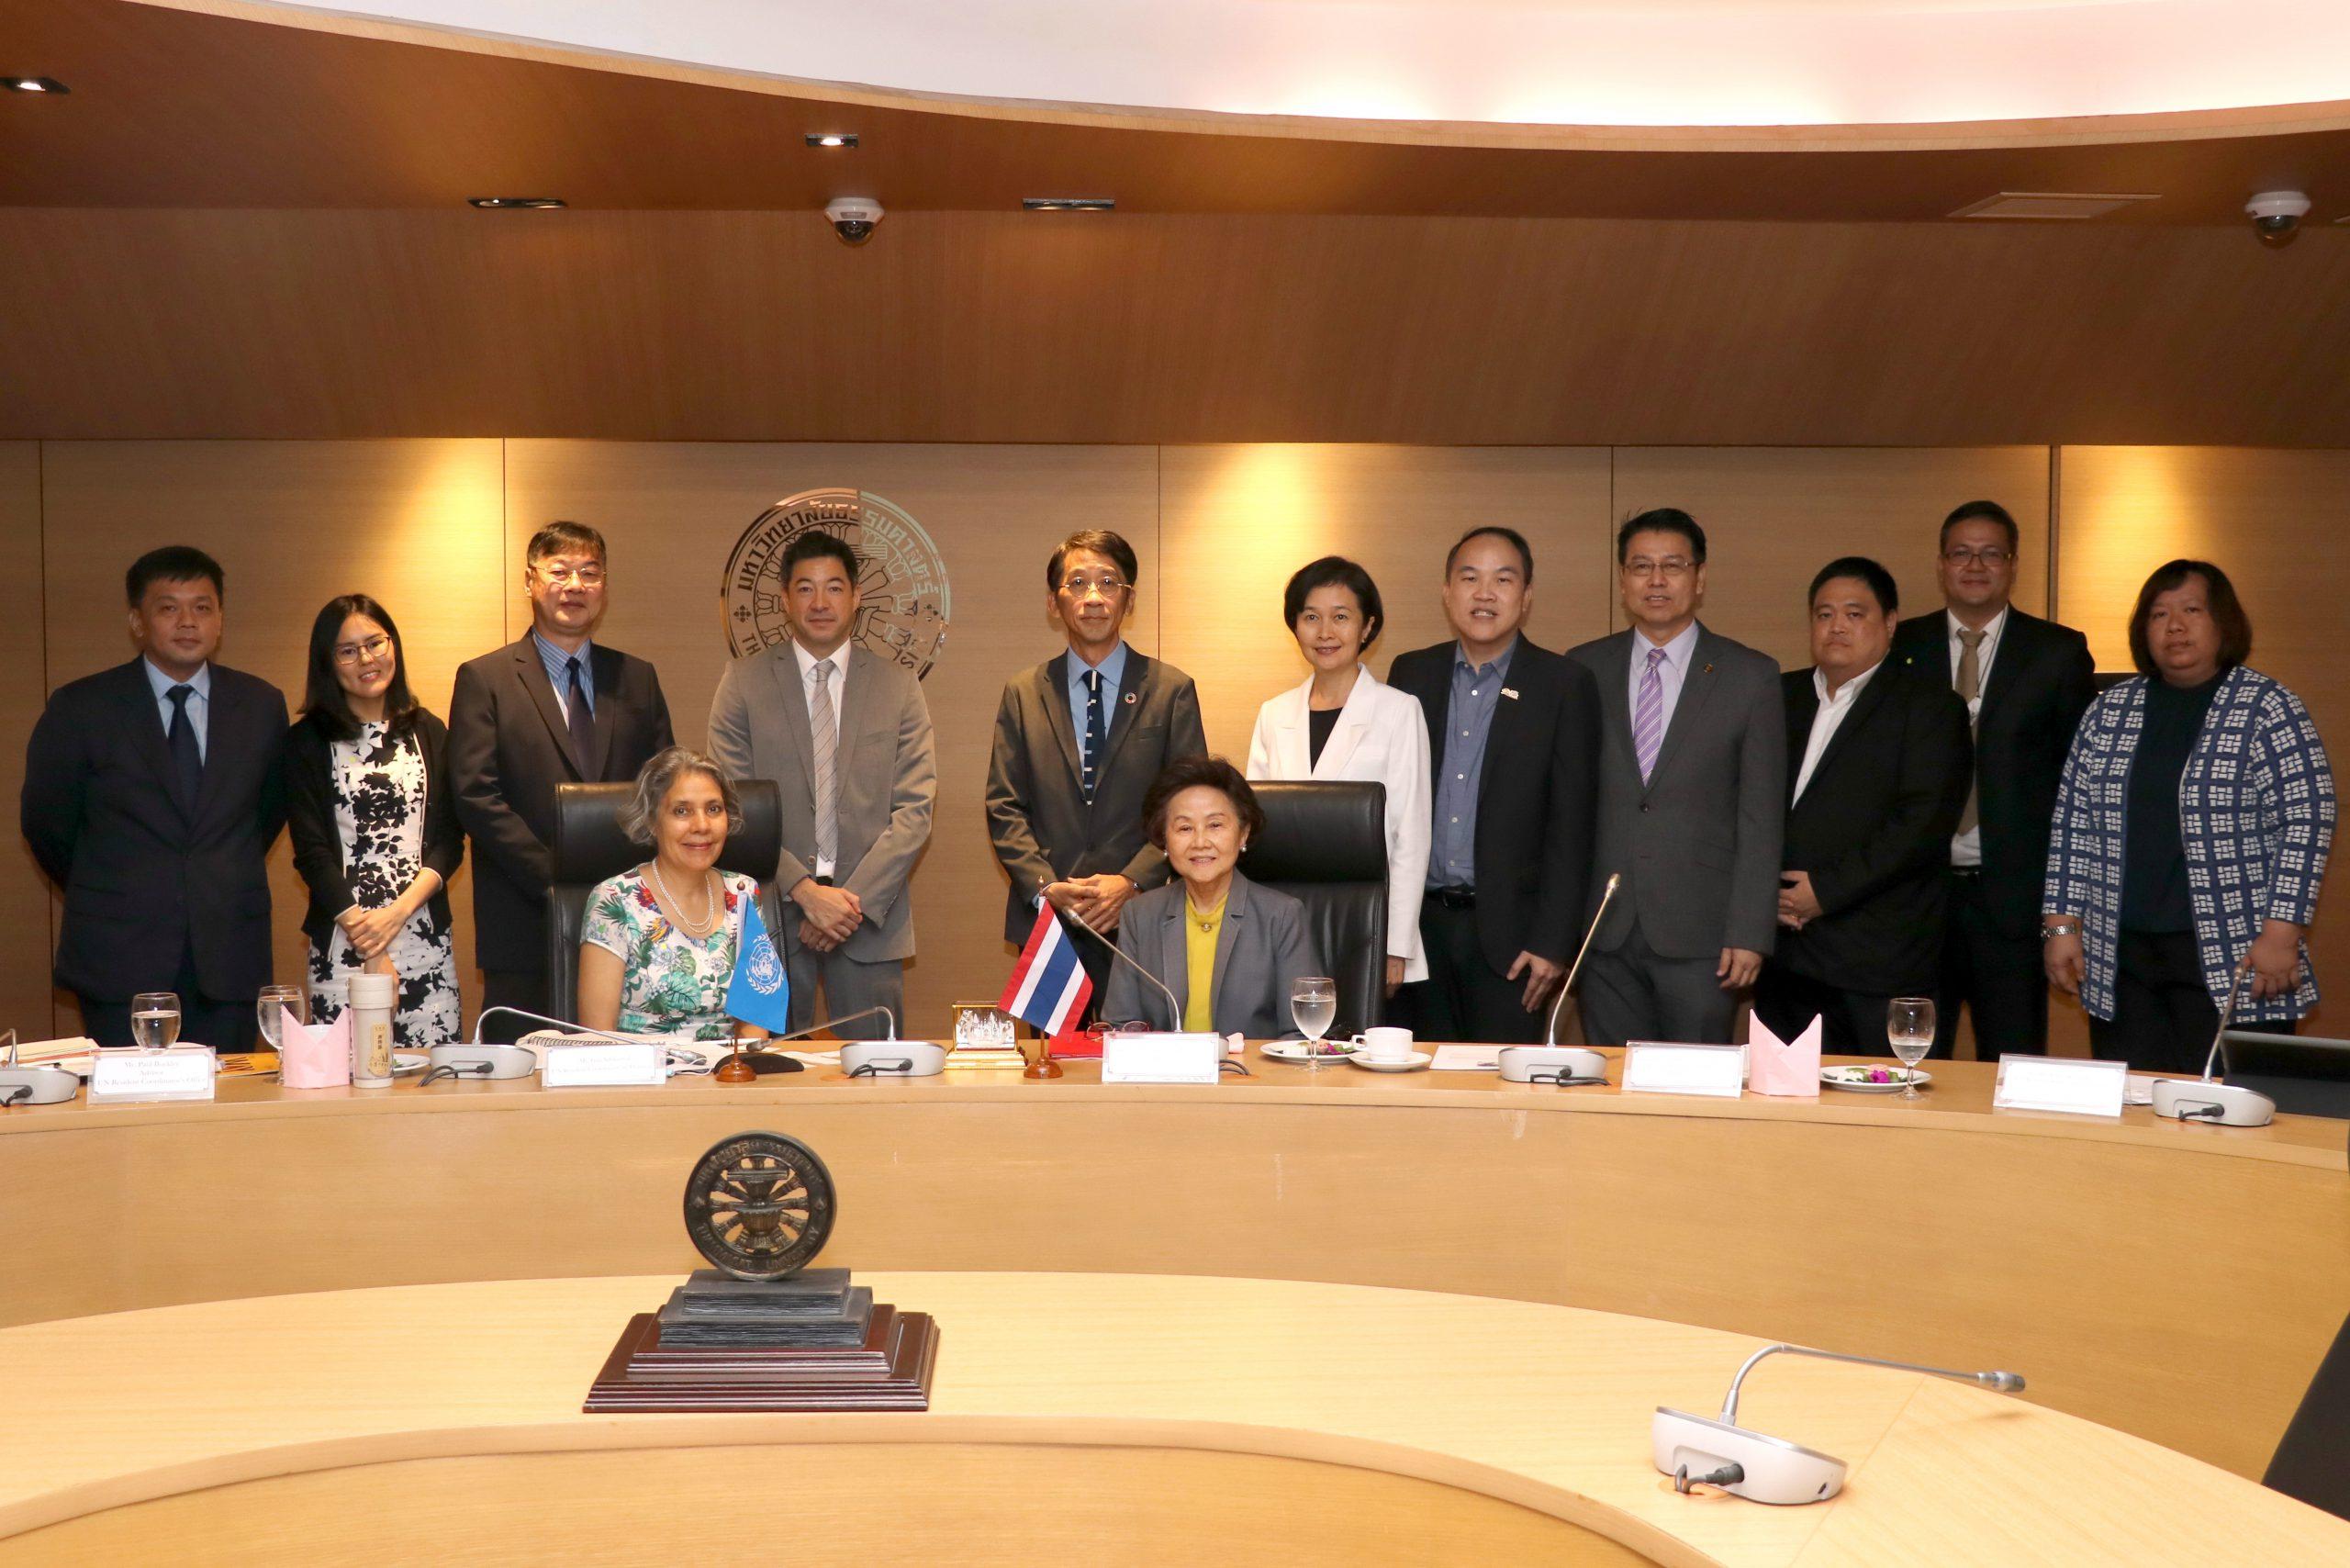 SDG Updates | SDG Move ประชุมหารือกับผู้ประสานงาน UN ประจำประเทศไทย ผลักดันความร่วมมือภาควิชาการเพื่อขับเคลื่อนการพัฒนาที่ยั่งยืน